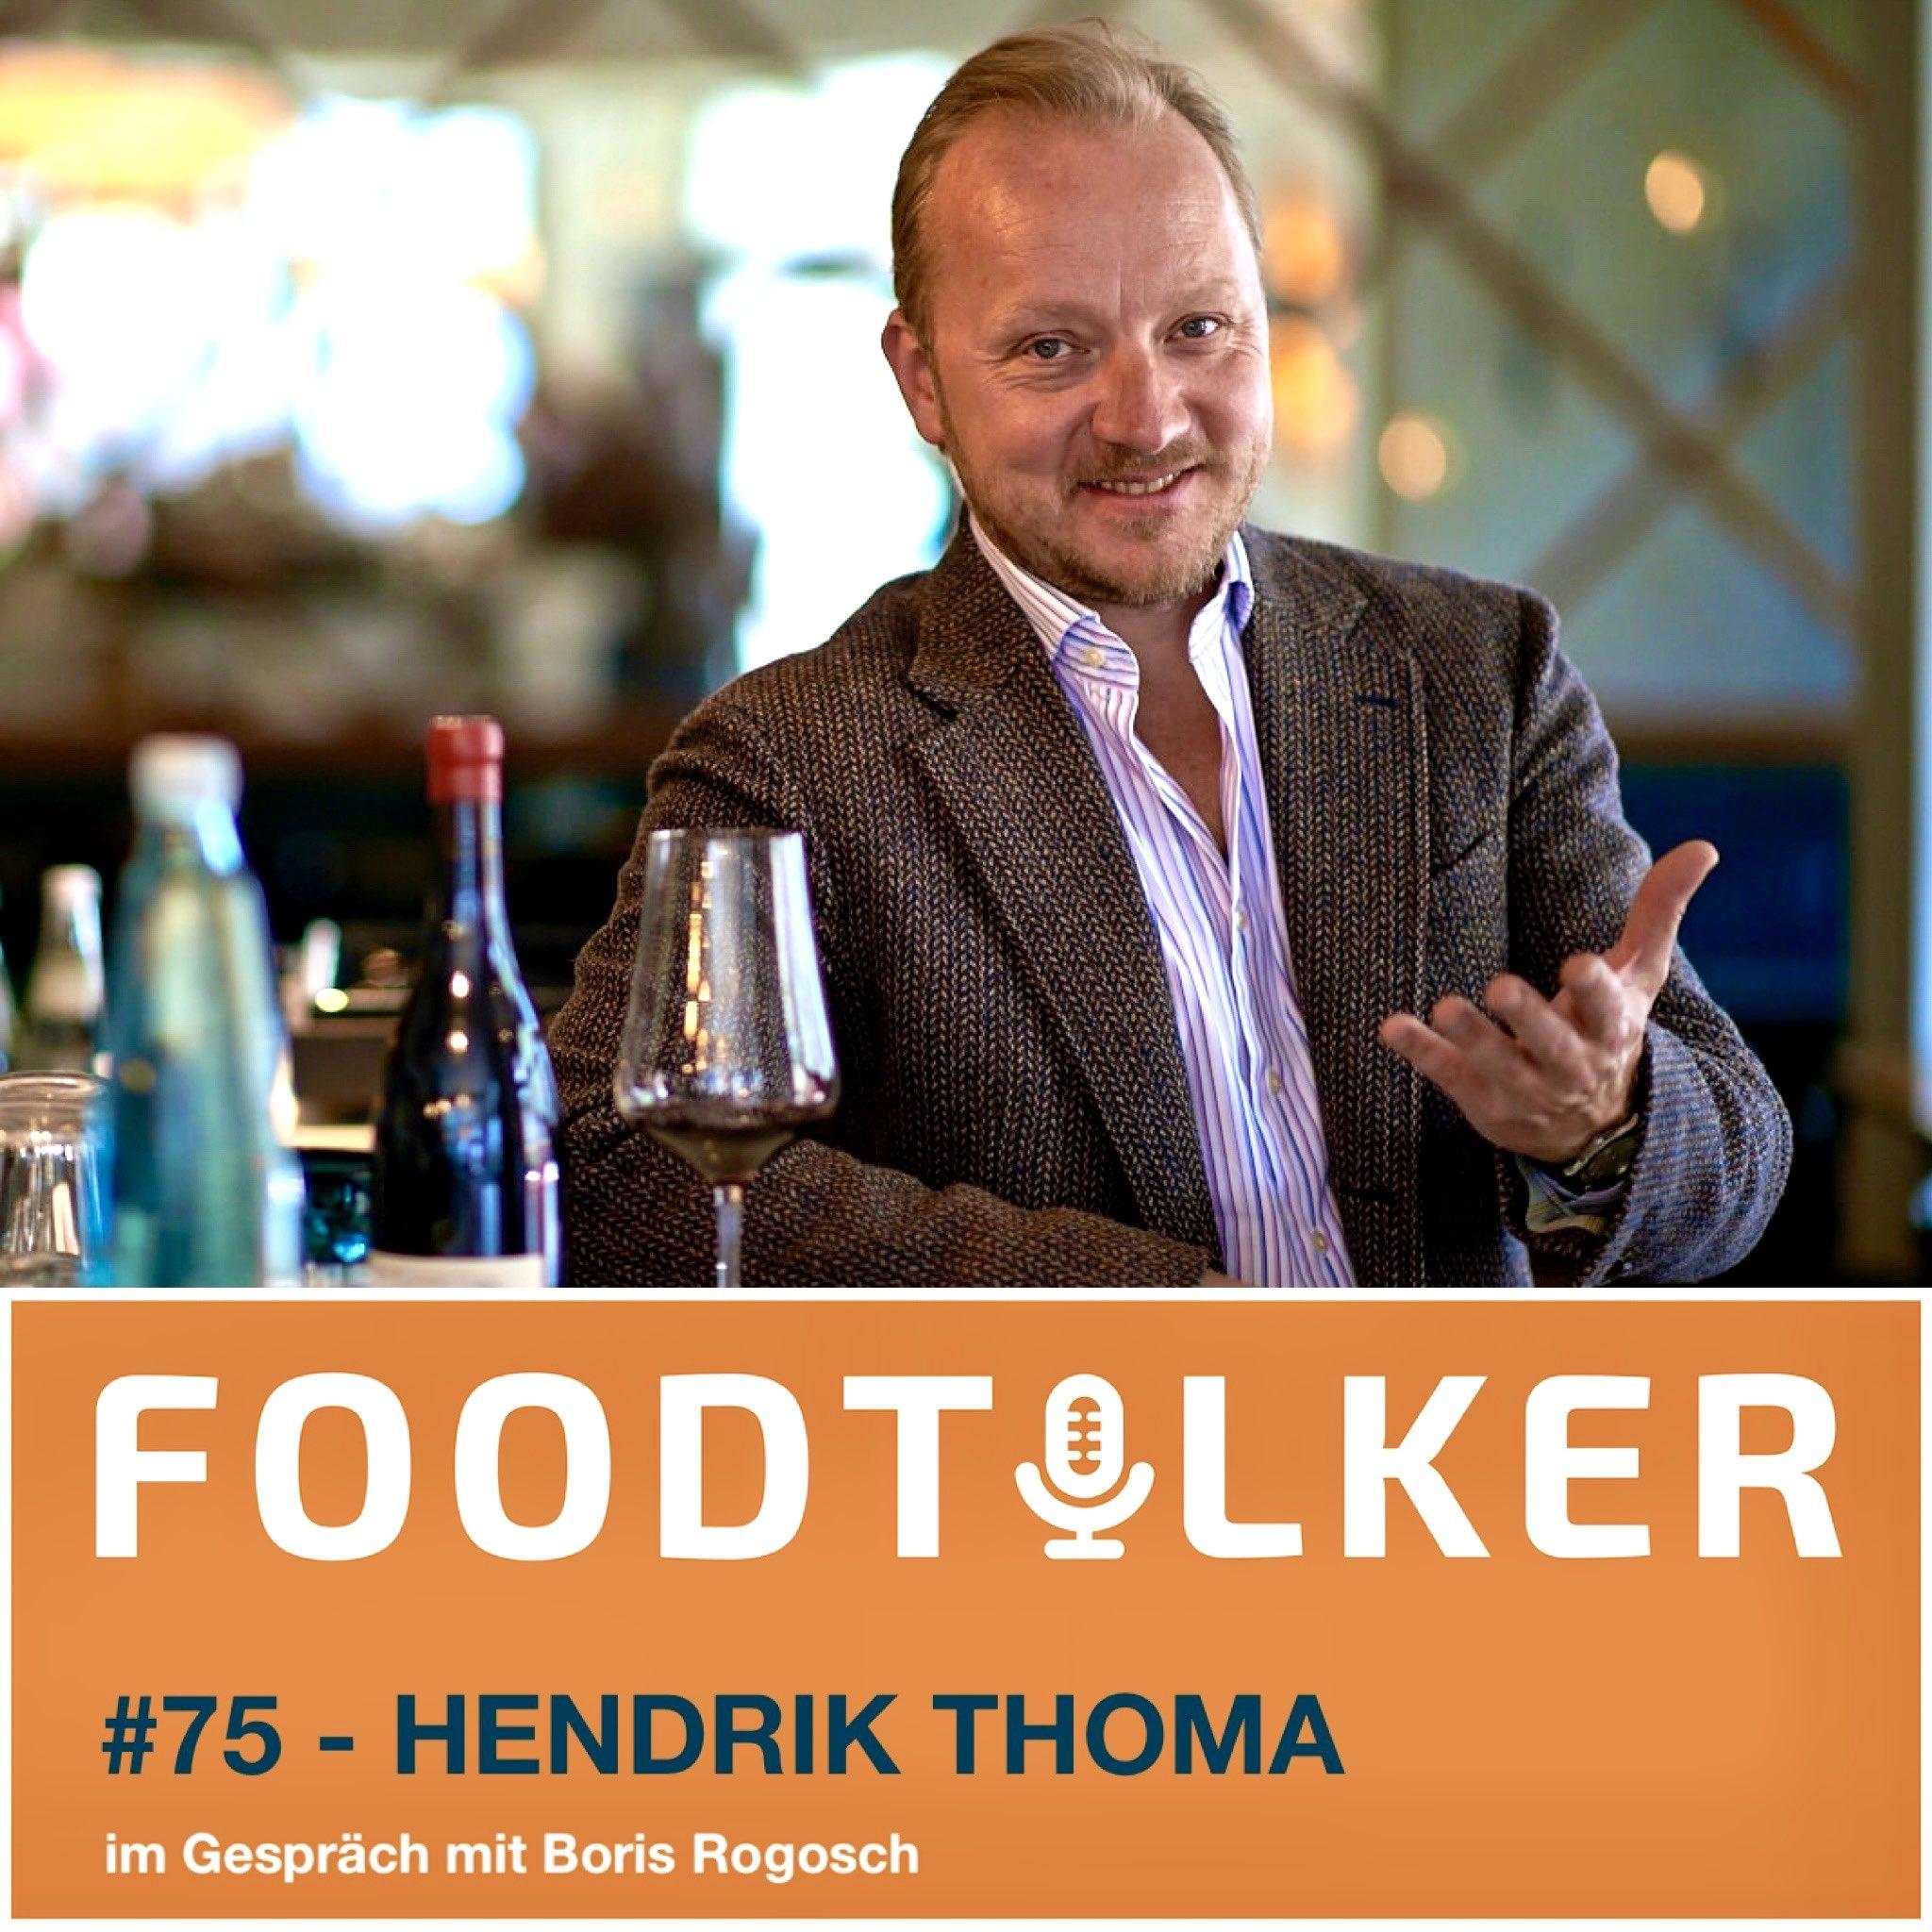 Hendrik Thoma